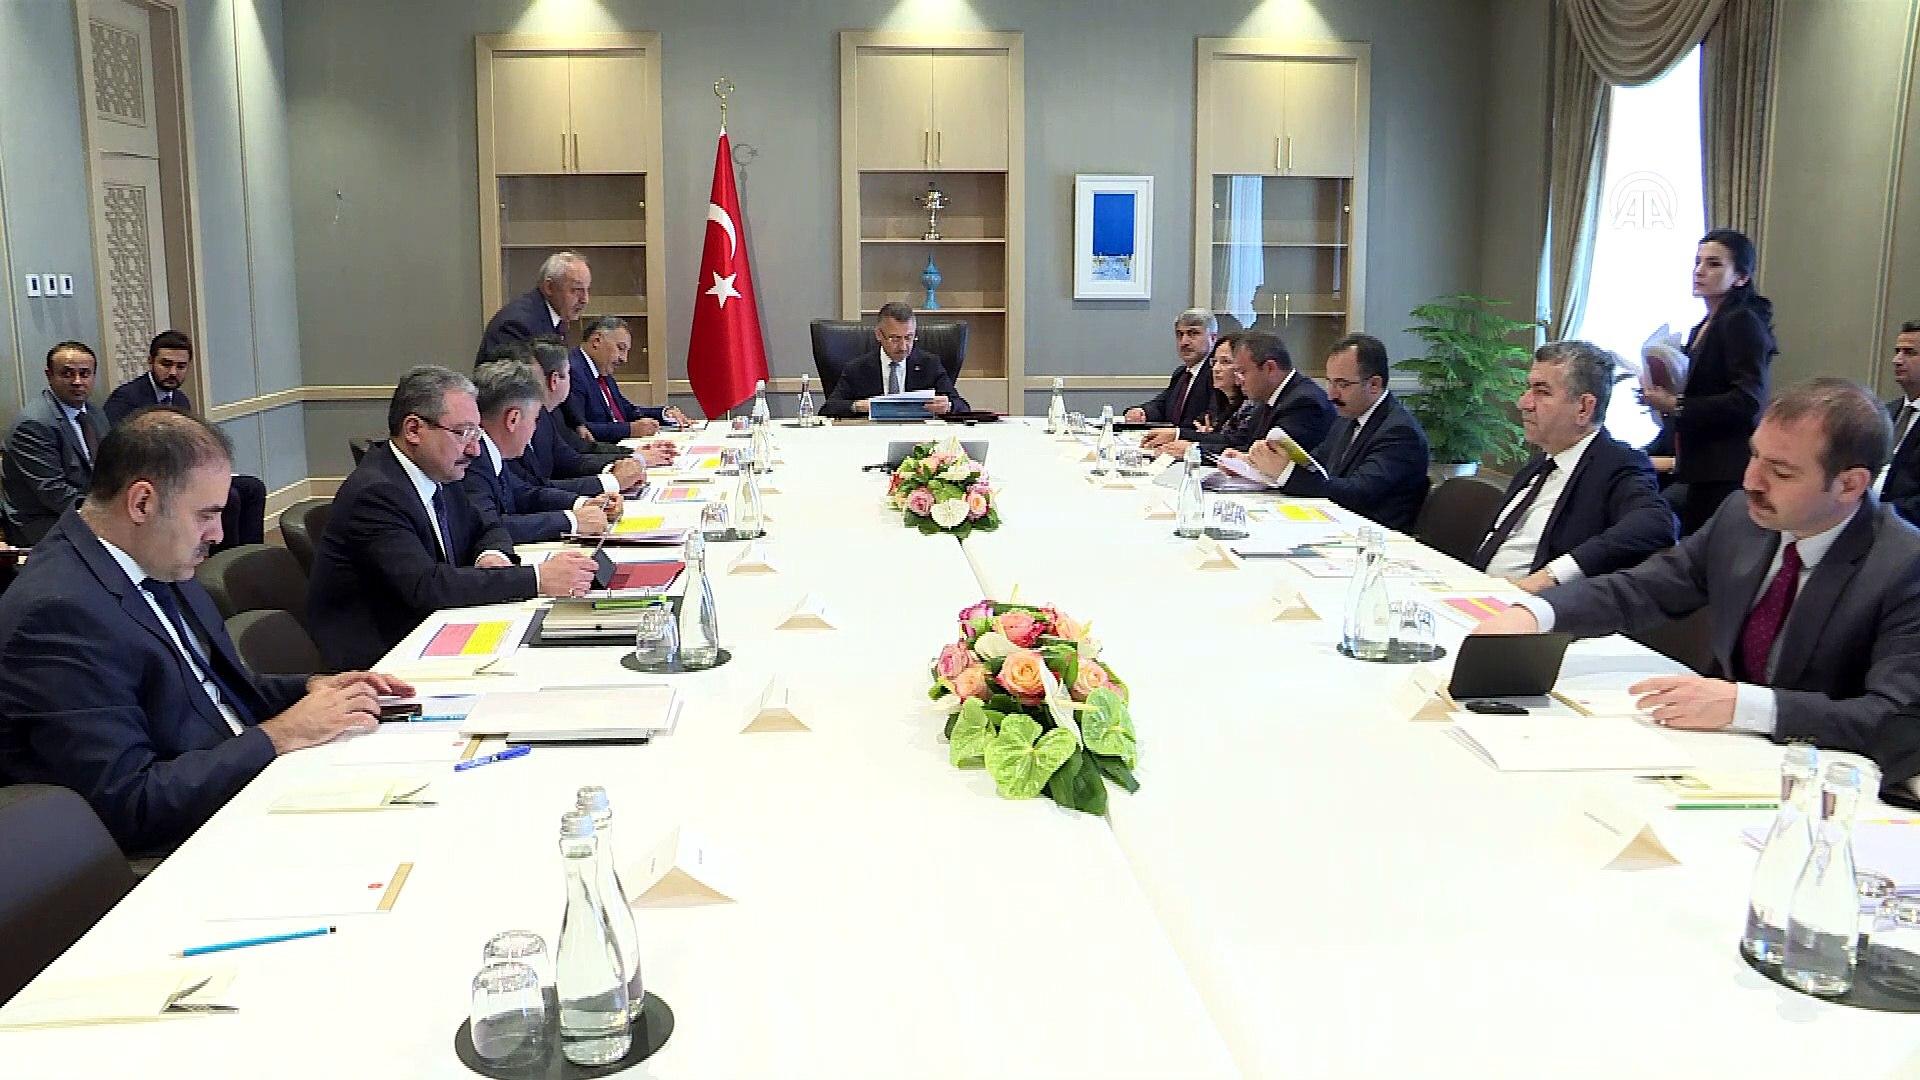 Suriye Koordinasyon Toplantısı Oktay başkanlığında yapıldı - ANKARA